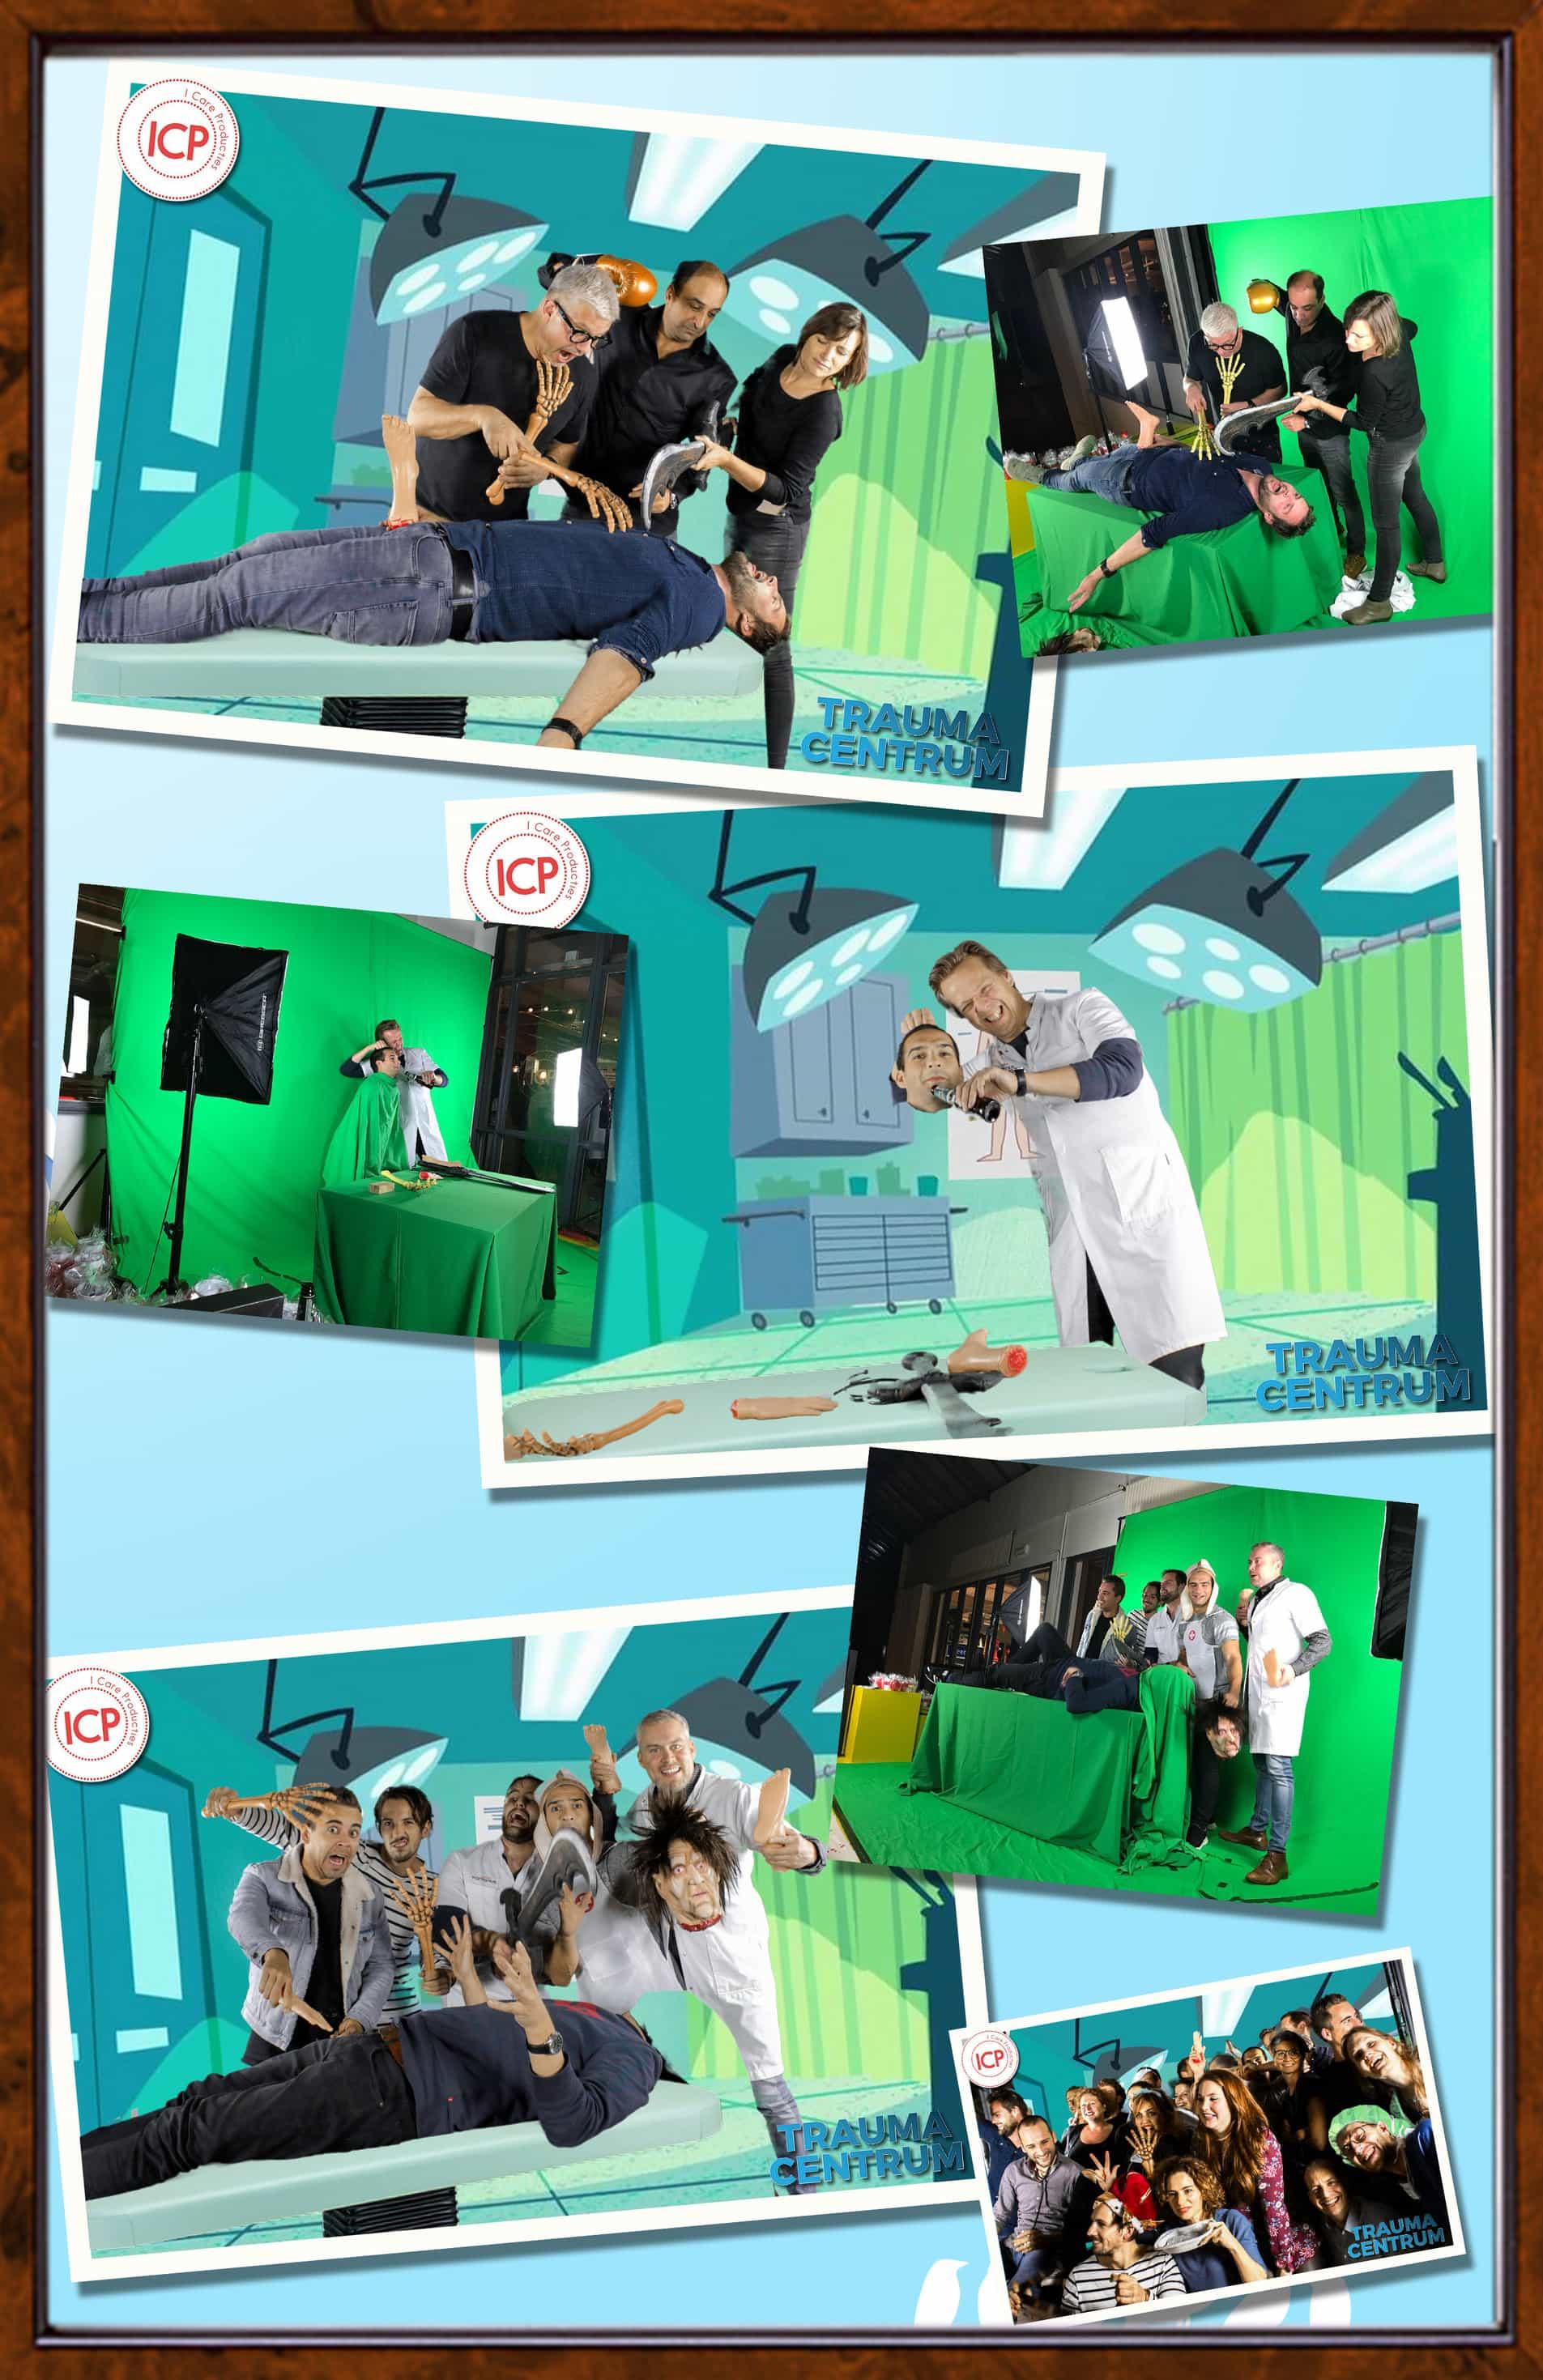 bij ons een green screen huren met ziekenhuis thema en dit i een collage